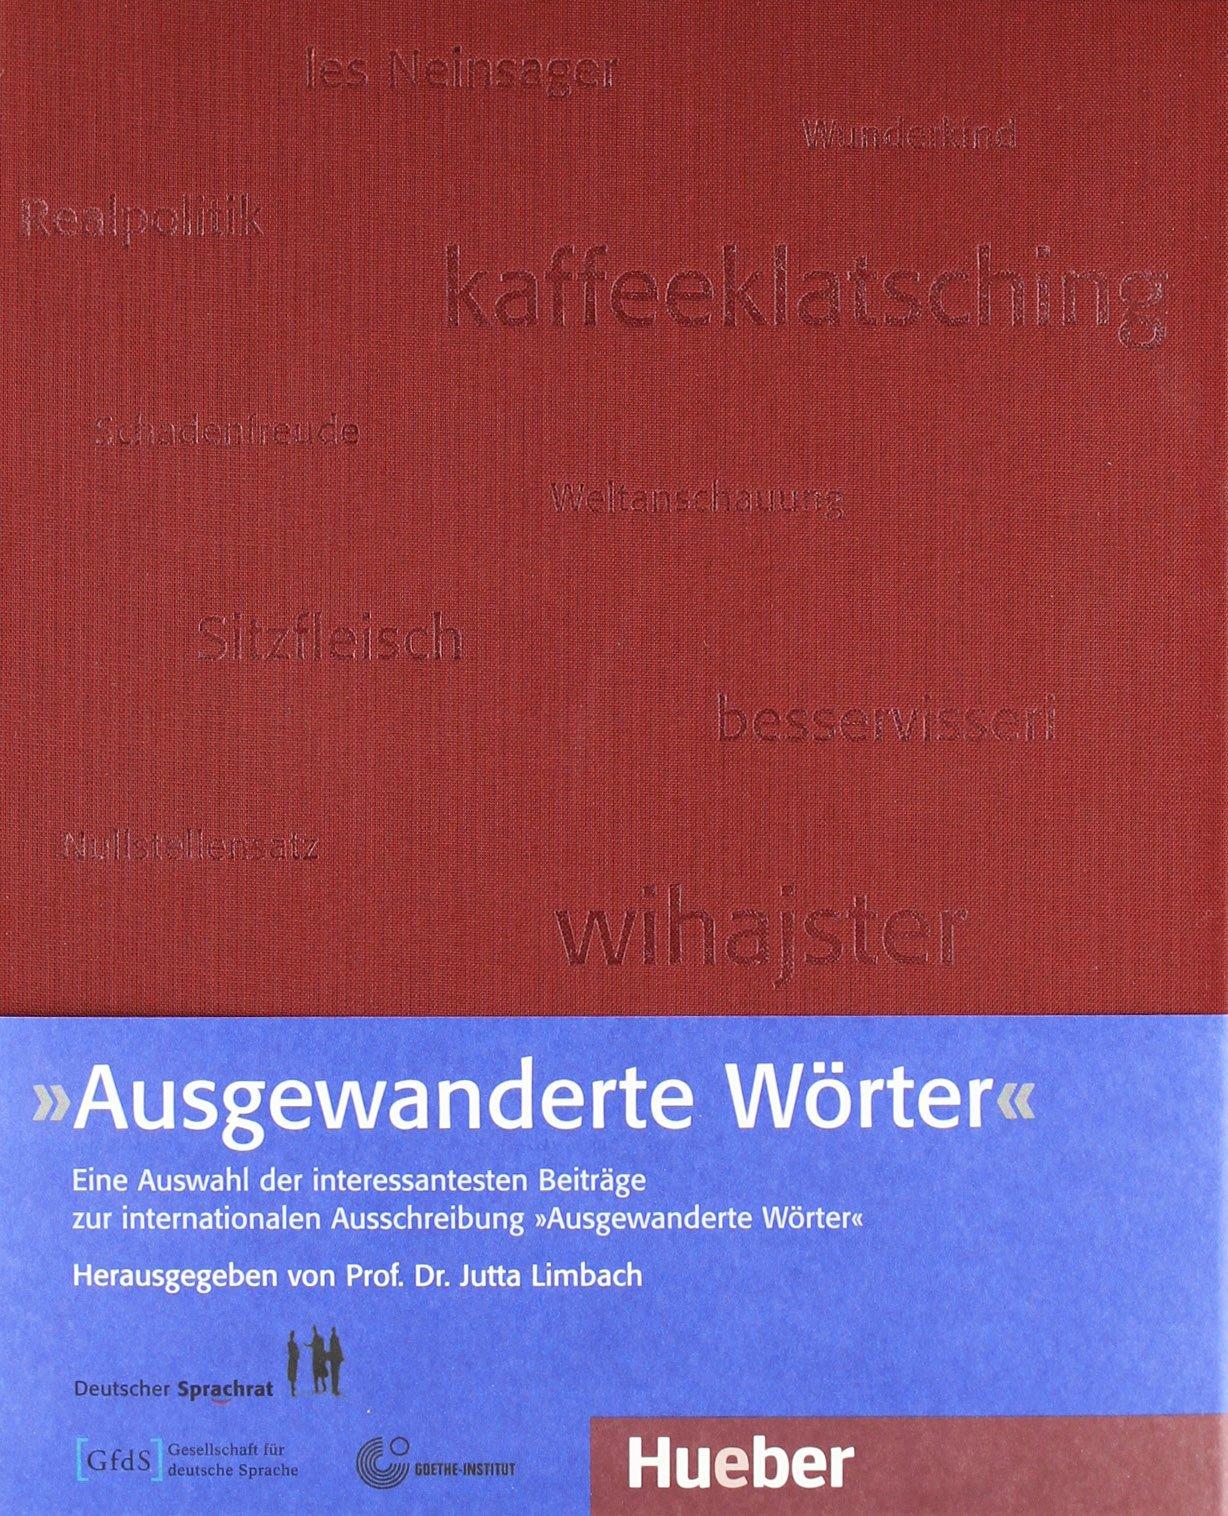 """Ausgewanderte Wörter: Eine Auswahl der interessantesten Beiträge zur internationalen Ausschreibung """"Ausgewanderte Wörter"""""""